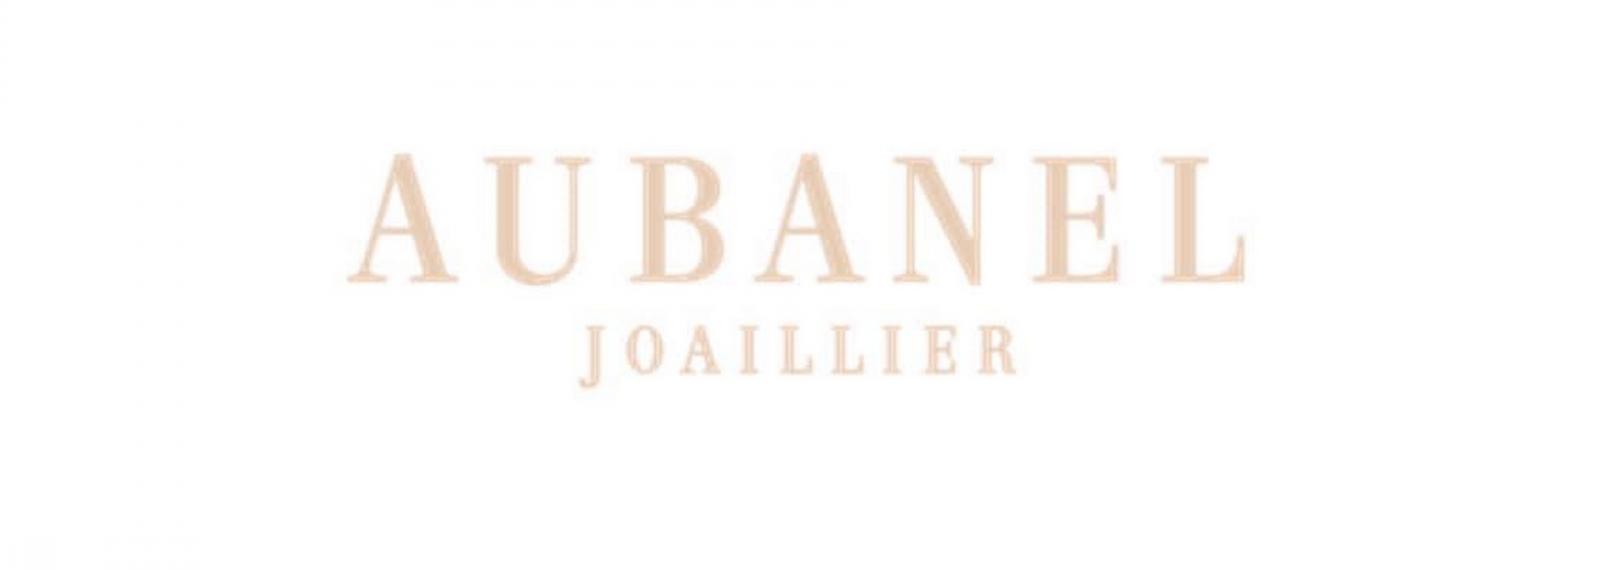 Aubanel joaillier